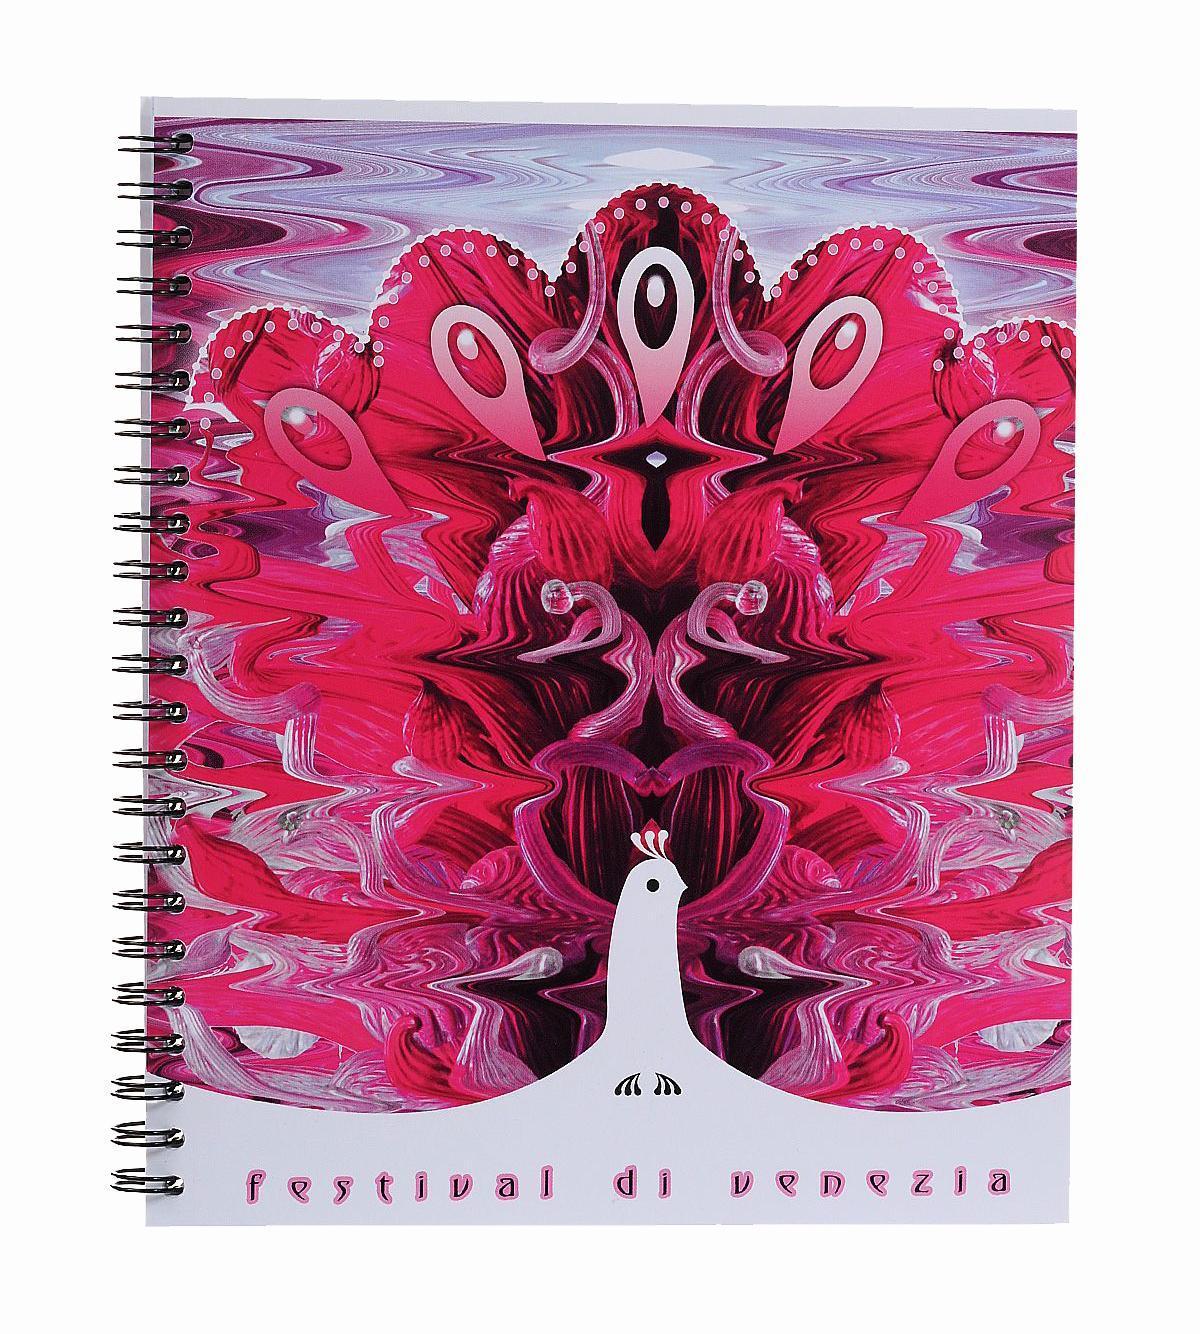 Тетрадь на спирали, 80л Муранское стекло,УФ-лак,розовый37626 розовыйтетрадь на спирали,80л Муранское стекло, УФ-лак, розовый